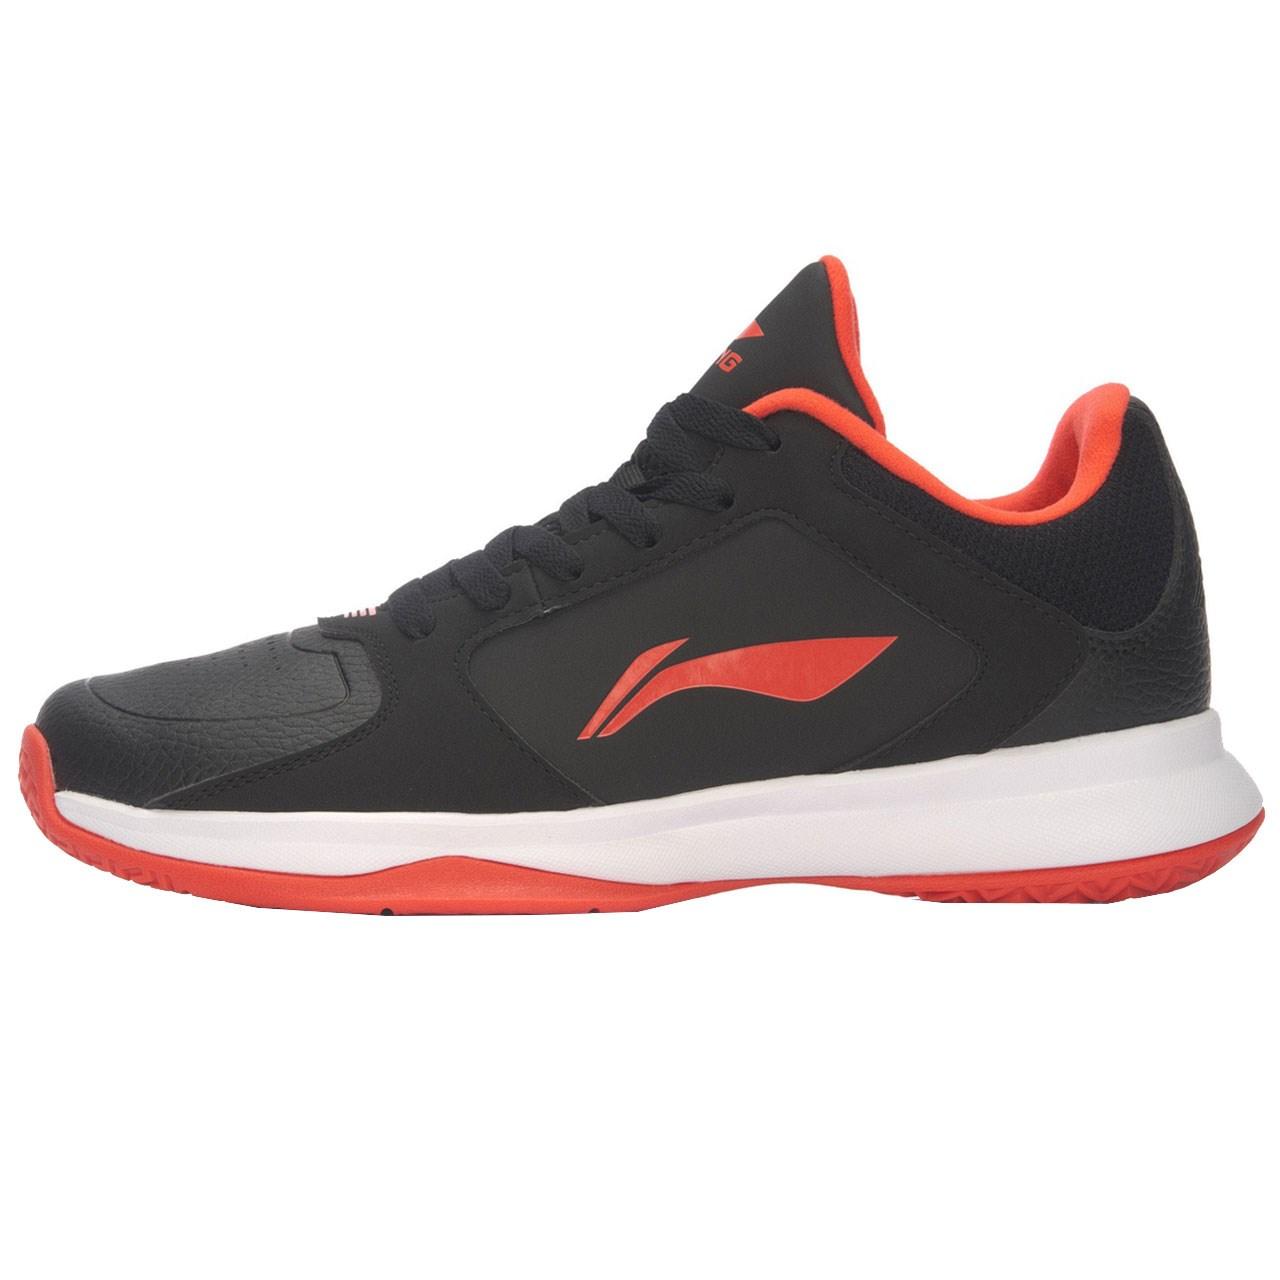 کفش بسکتبال مردانه لی نینگ مدل Simple Combat